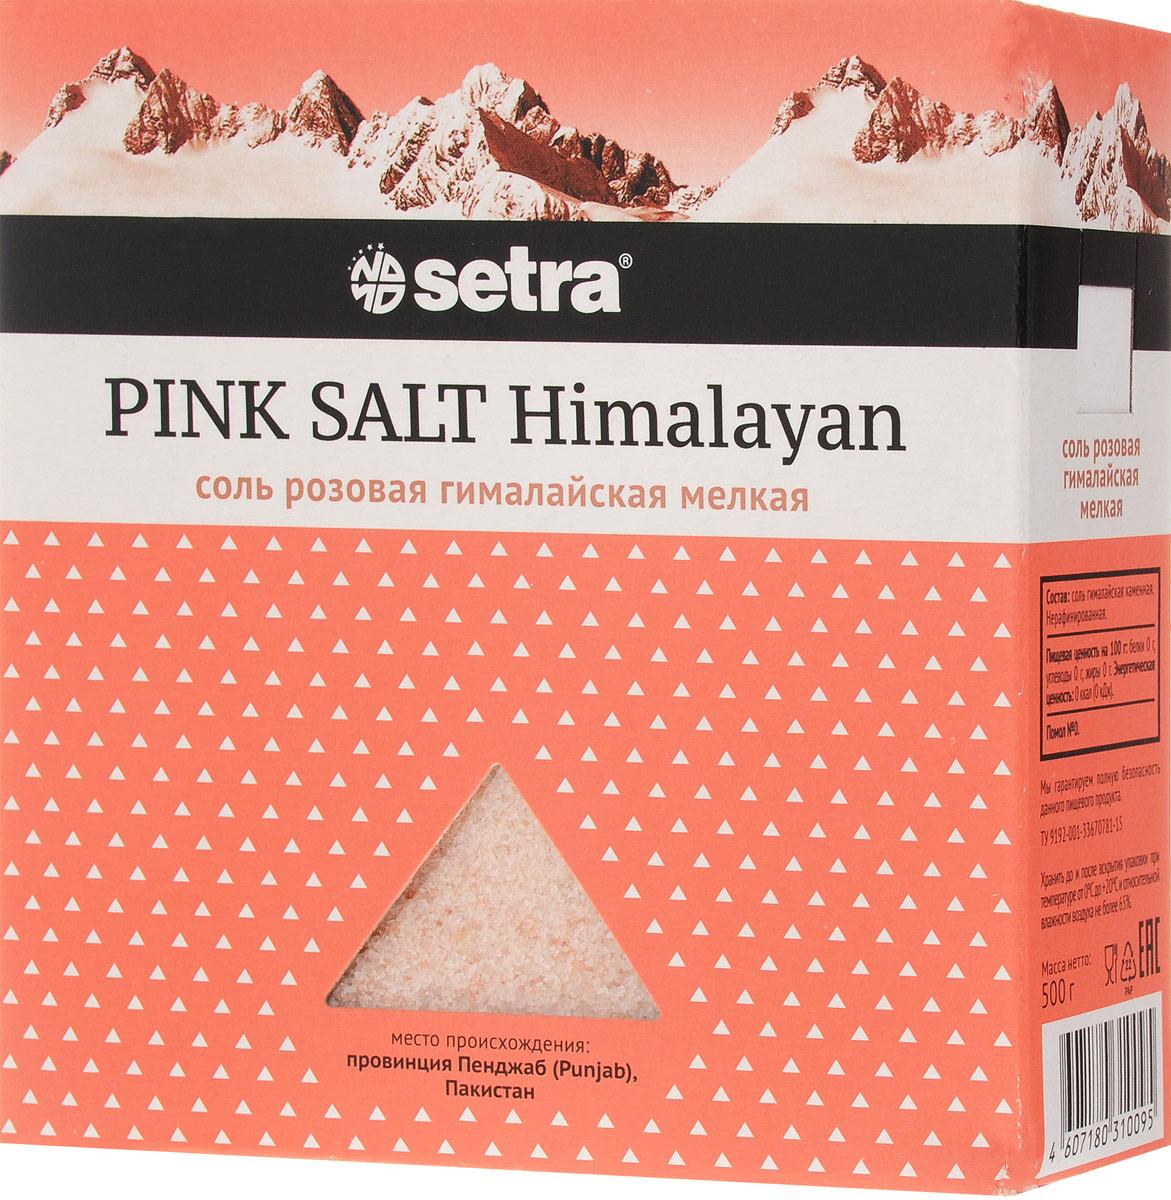 Setra соль розовая гималайская мелкая, 500 гбте007Ценность гималайской соли в содержании большого количества элементов и минералов, главные из которых - железо и медь, придают соли насыщенный розовый цвет. Добывается ручным способом в шахтах в предгорье Гималаев (провинция Пенджаб).Уважаемые клиенты! Обращаем ваше внимание на то, что упаковка может иметь несколько видов дизайна. Поставка осуществляется в зависимости от наличия на складе.